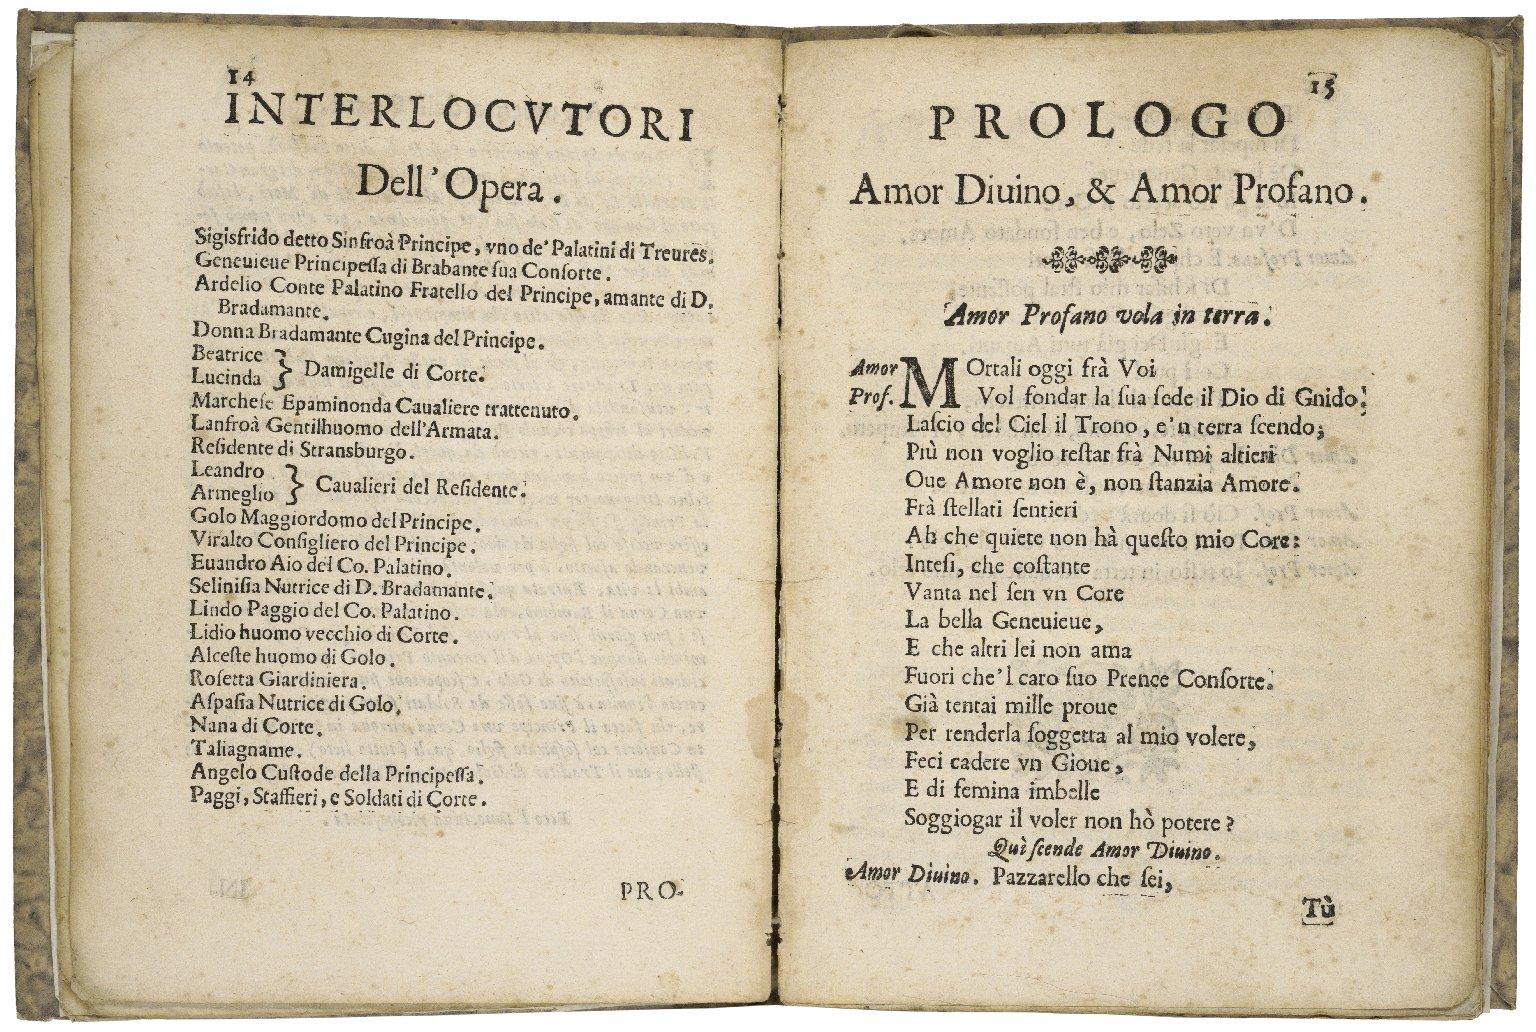 L'innocente riconosciuta : opera / della contessa Veronica Maleguzzi Valerii da Reggio ; dedicata alla sereniss. altezza della signora duchessa Laura di Modona, Reggio, &c.